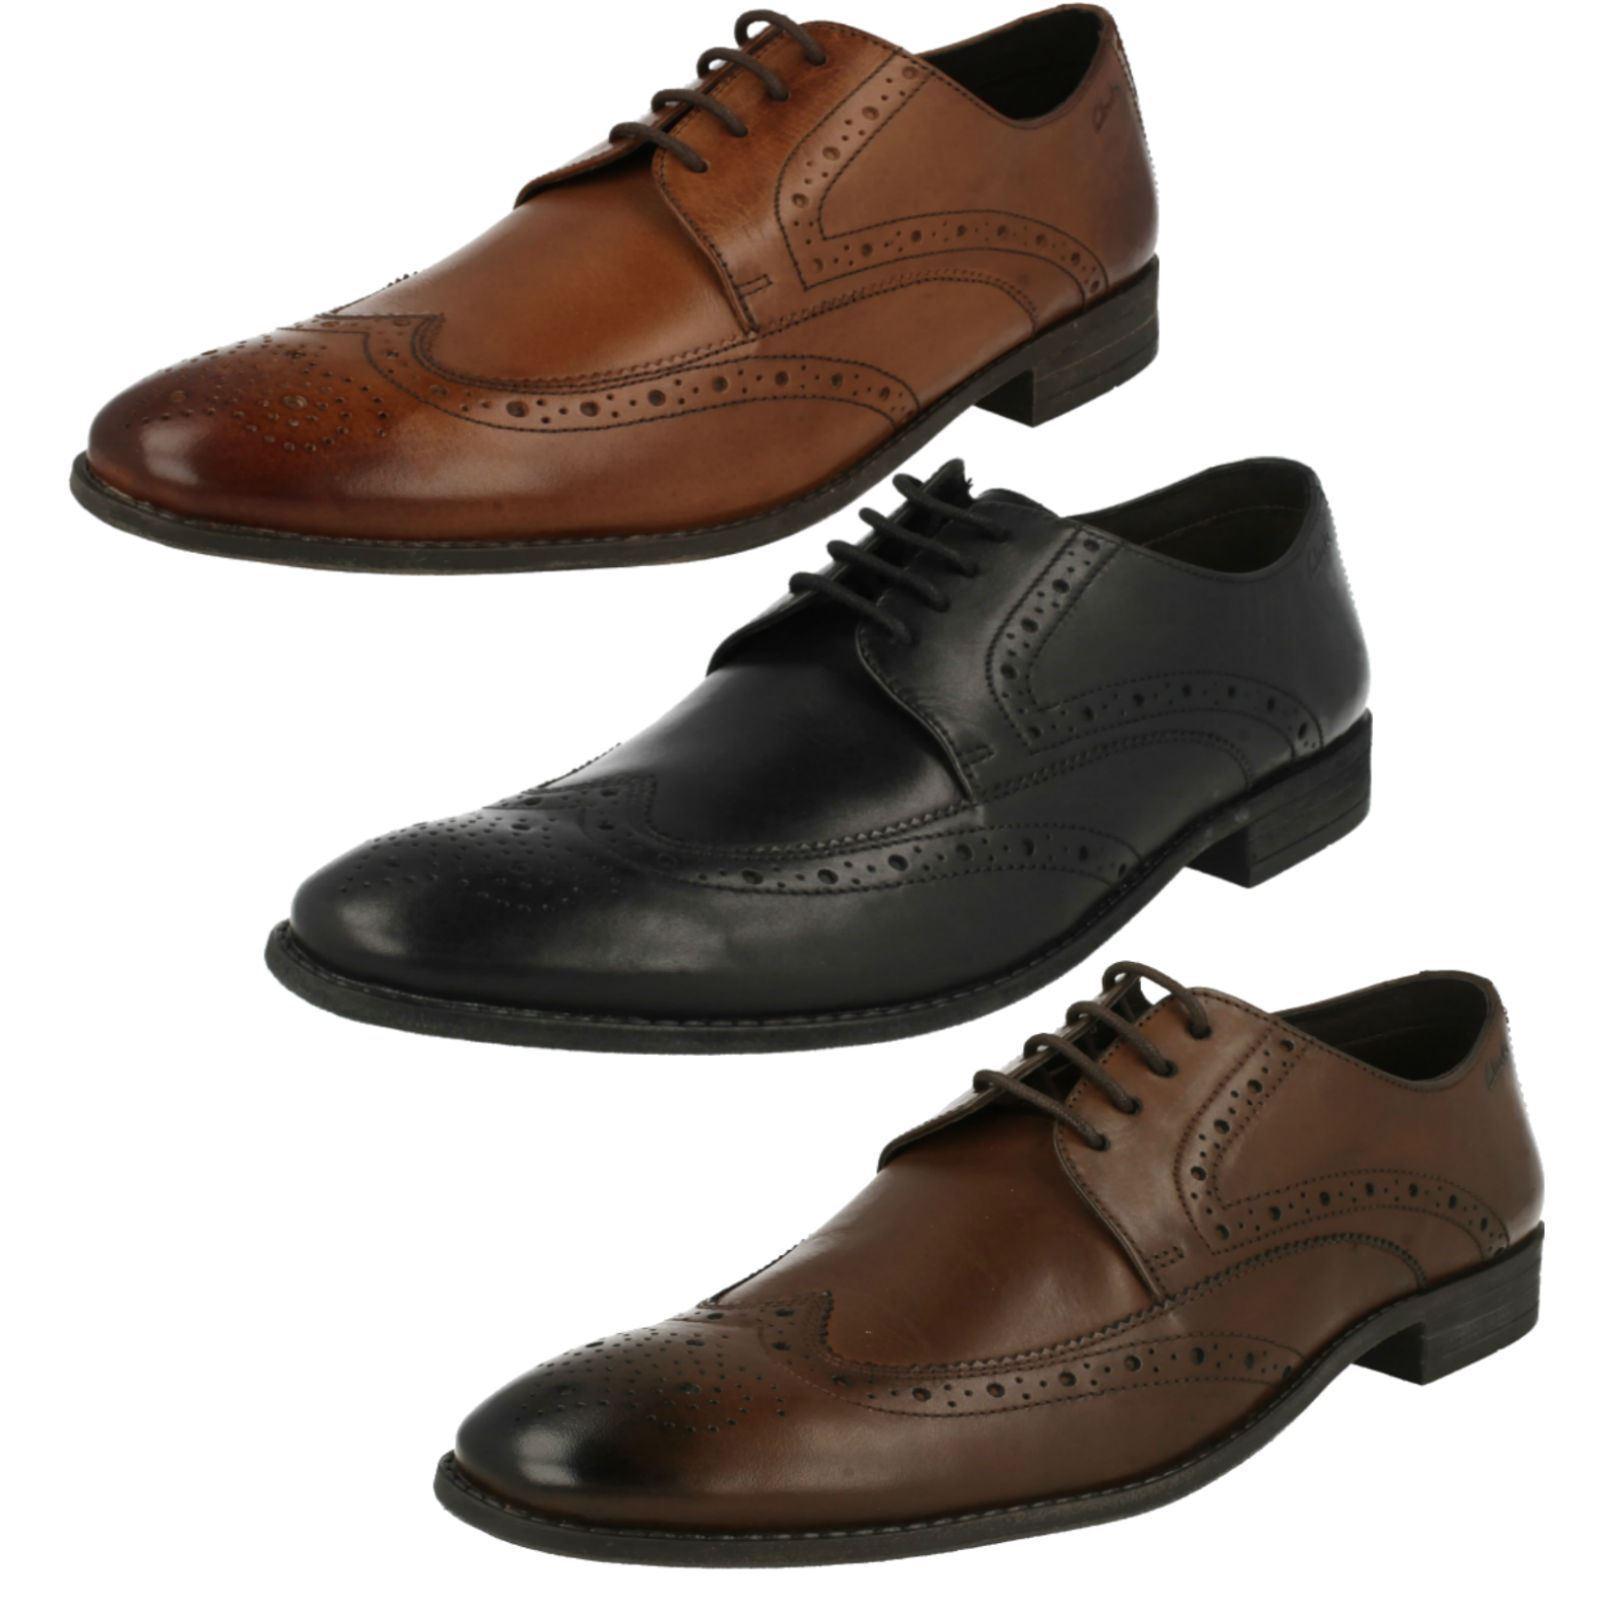 Uomo Clarks pelle Scarpe Eleganti Brogue con Lacci Dimensioni: 8-12 Calzabilità | Nuovo Prodotto  | Uomo/Donna Scarpa